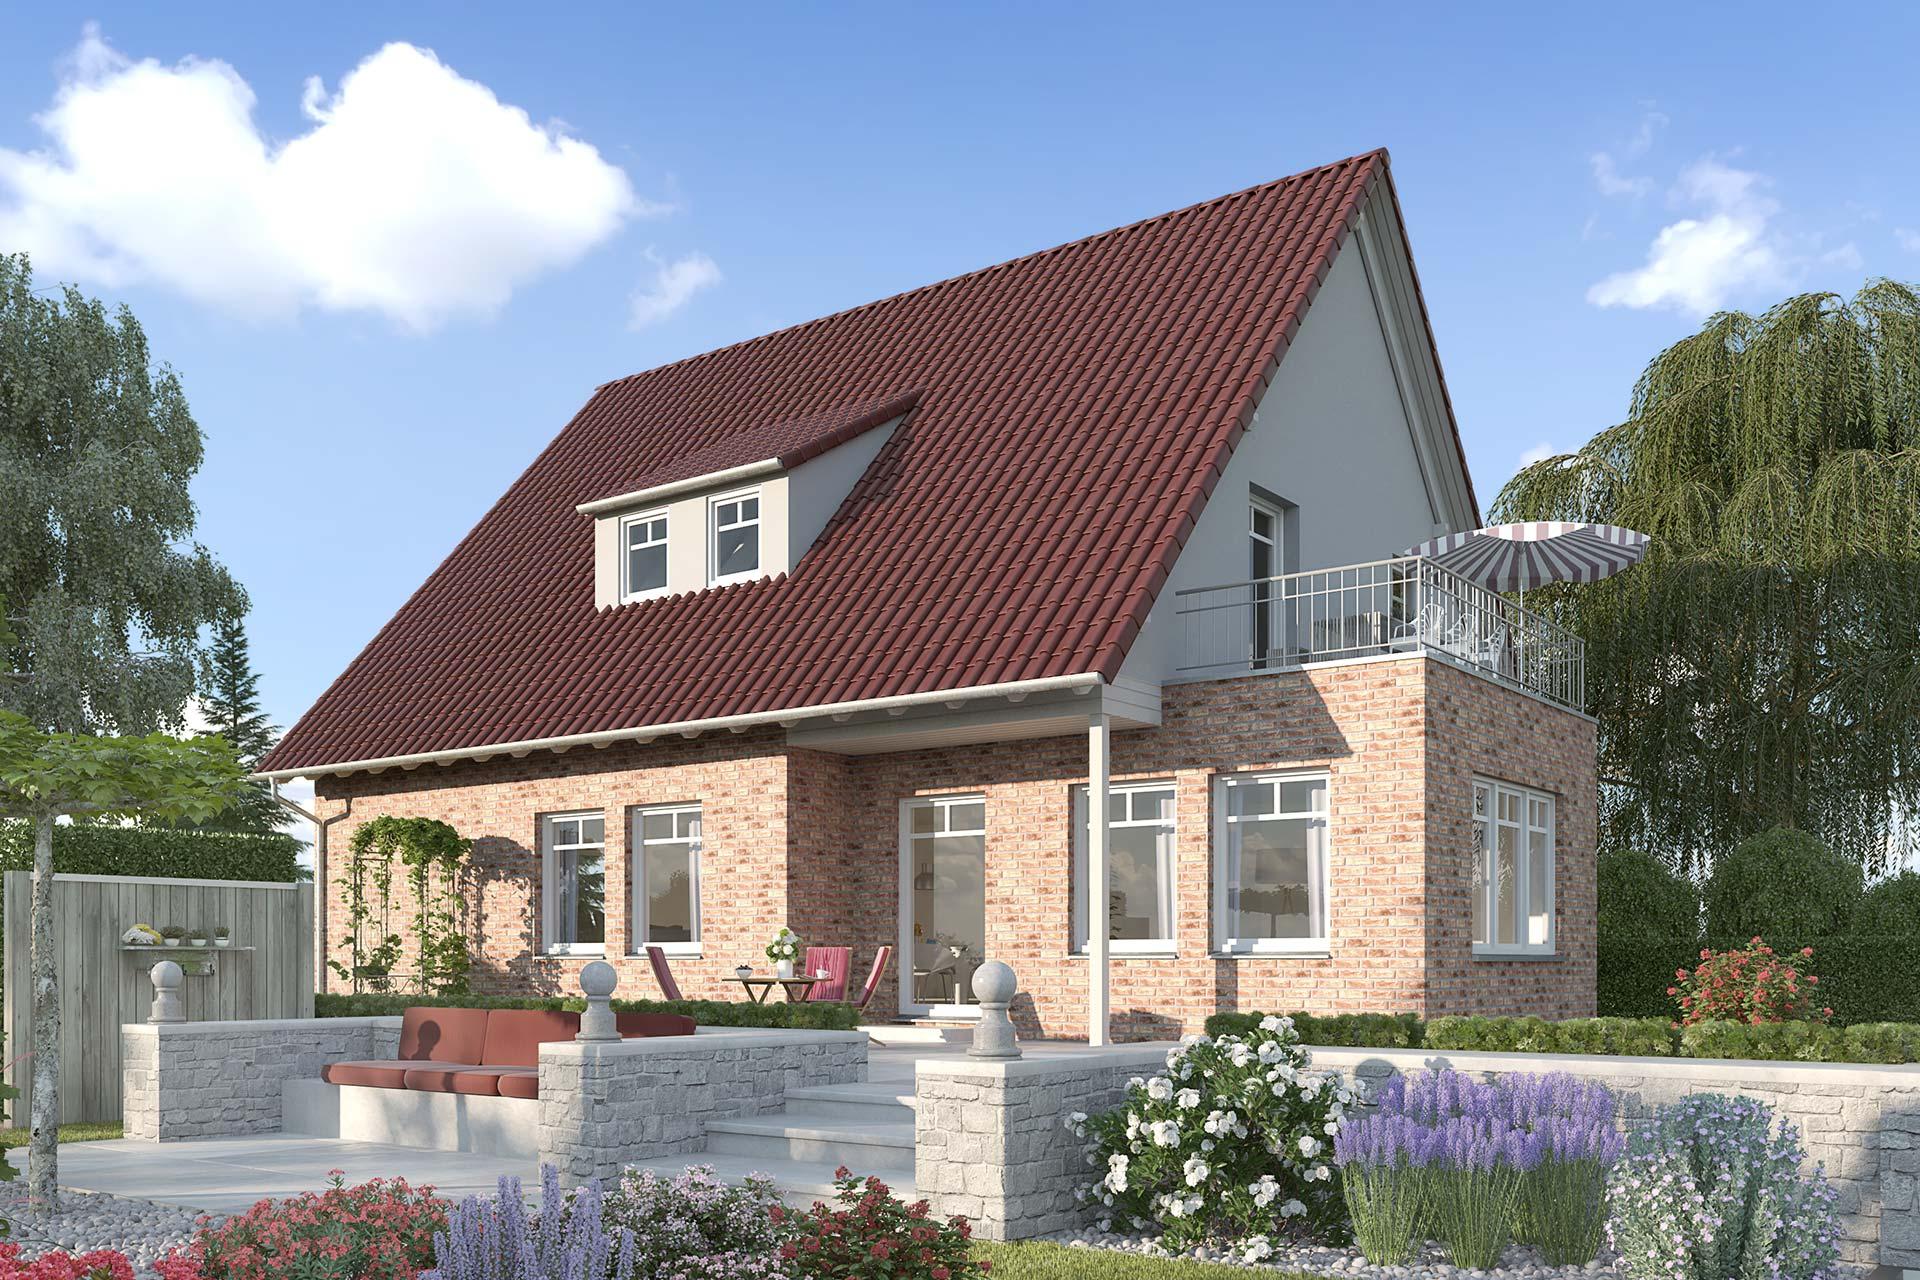 landhaus modell tors s cocooning von seiner sch nsten seite ein fertighaus von gussek haus. Black Bedroom Furniture Sets. Home Design Ideas